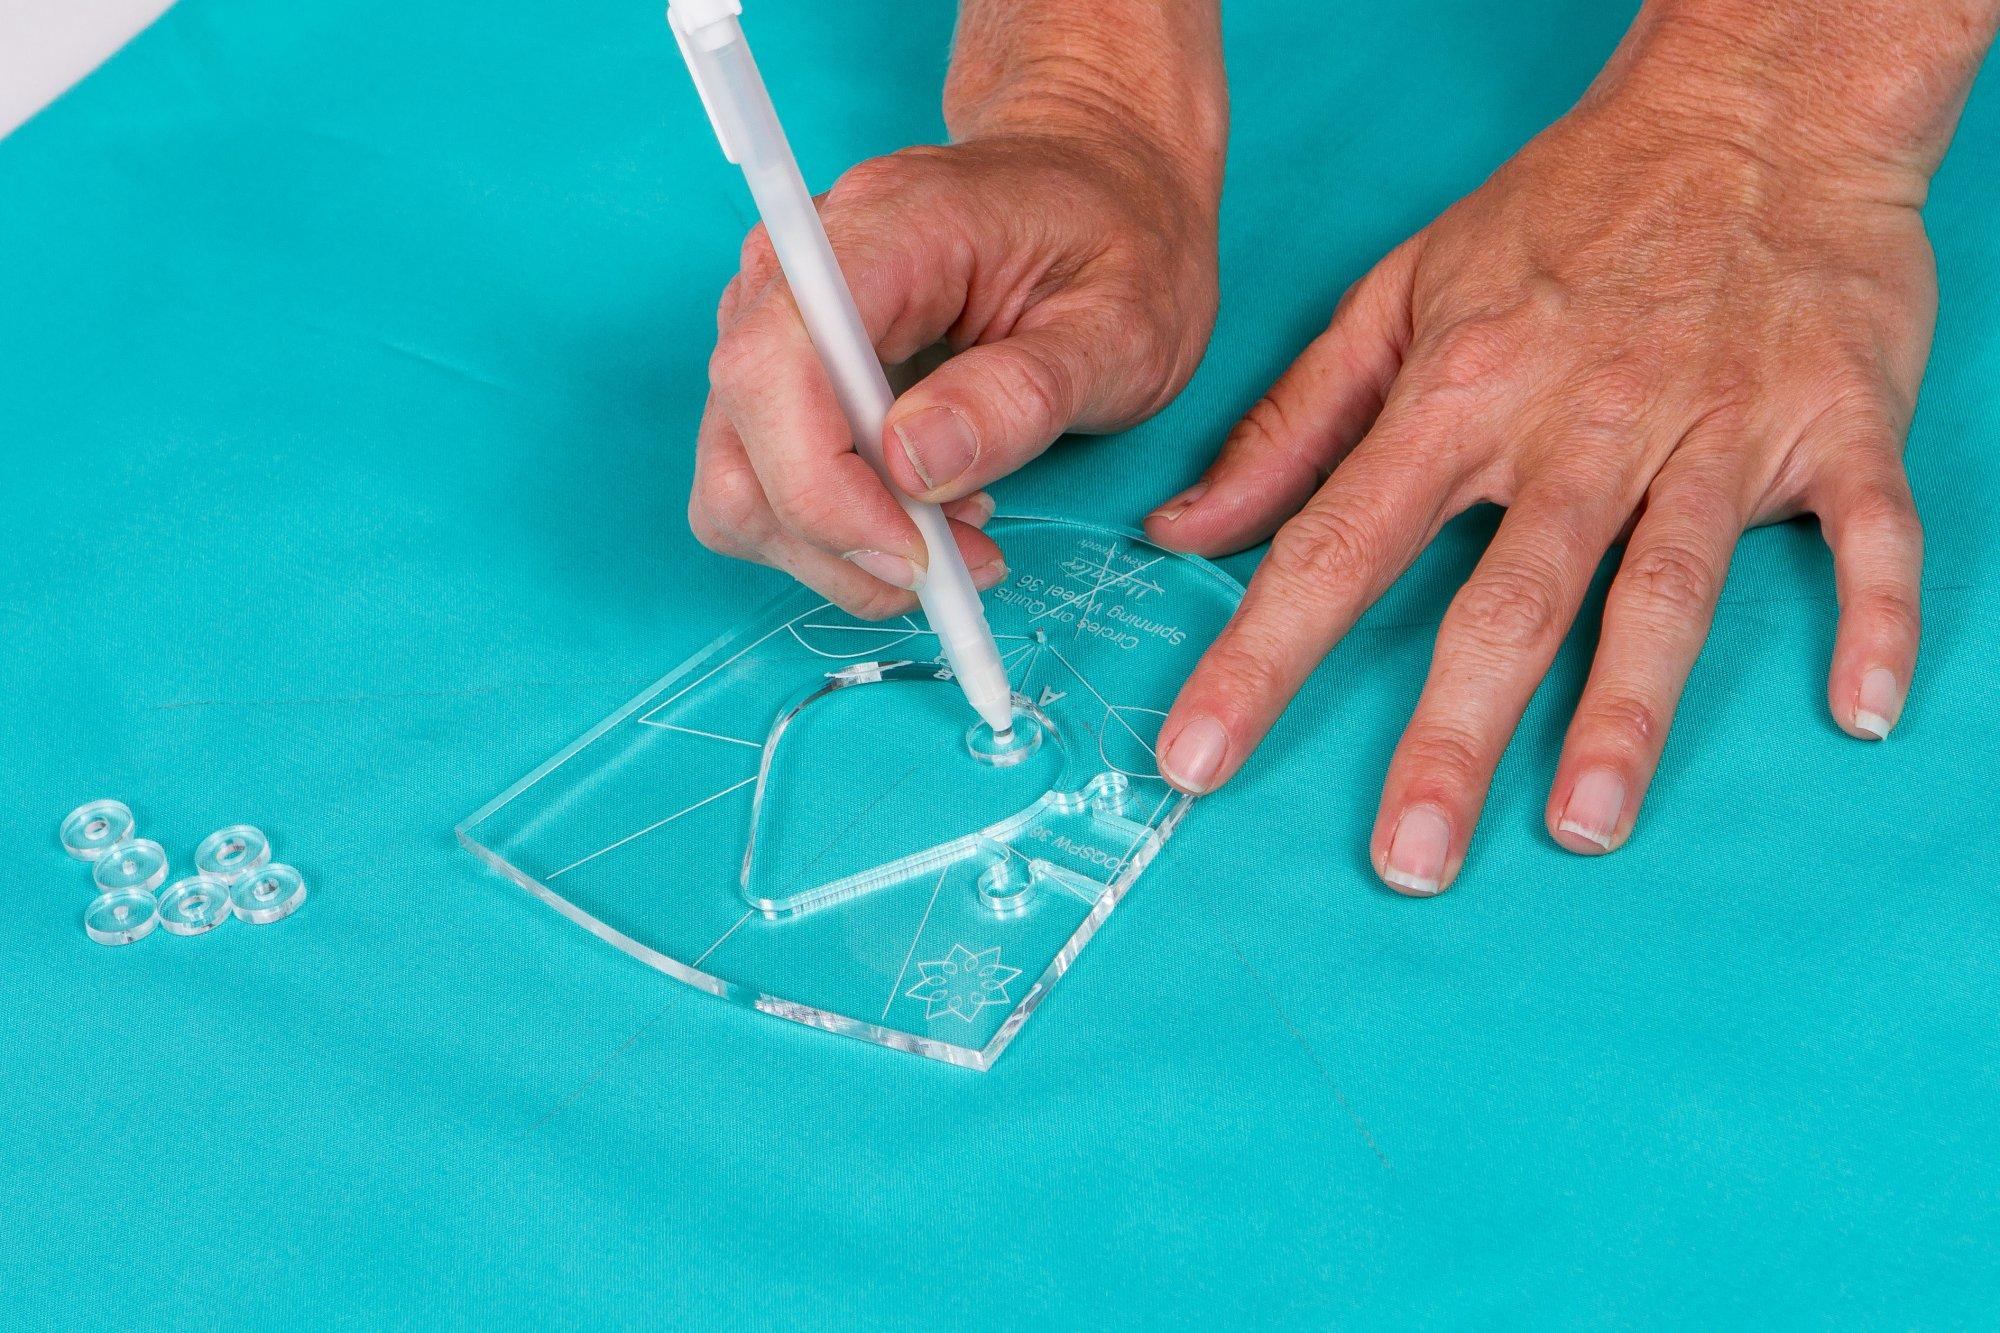 Westalee Stitching Line Disc